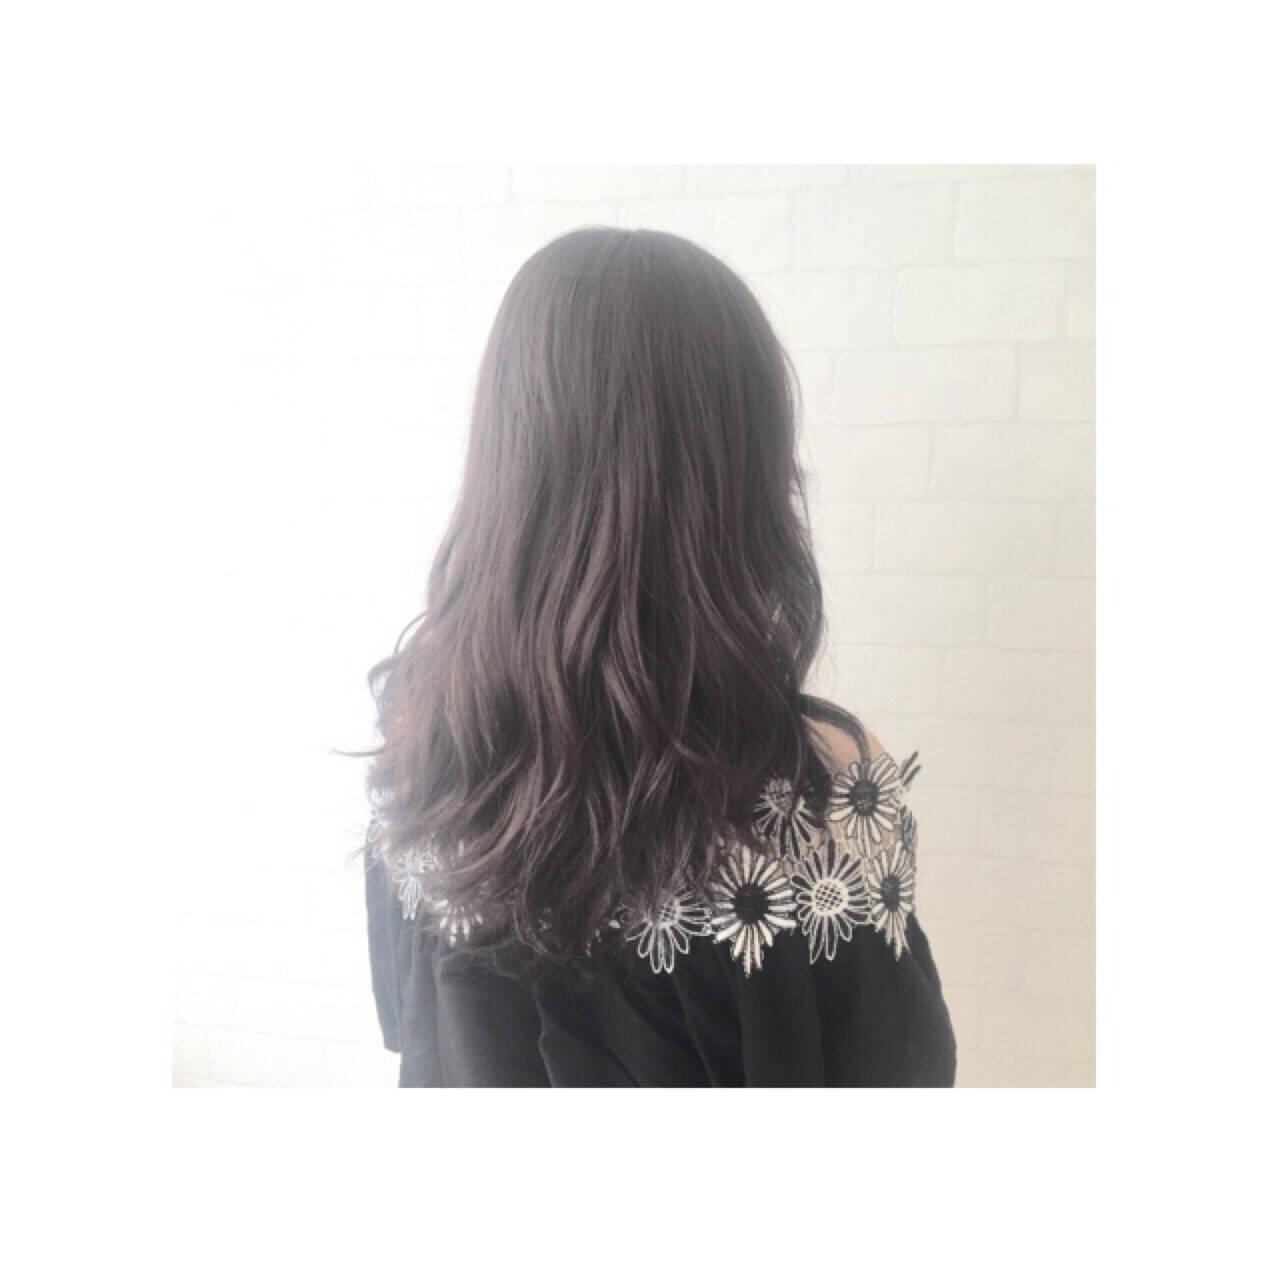 アッシュ ナチュラル セミロング 暗髪ヘアスタイルや髪型の写真・画像